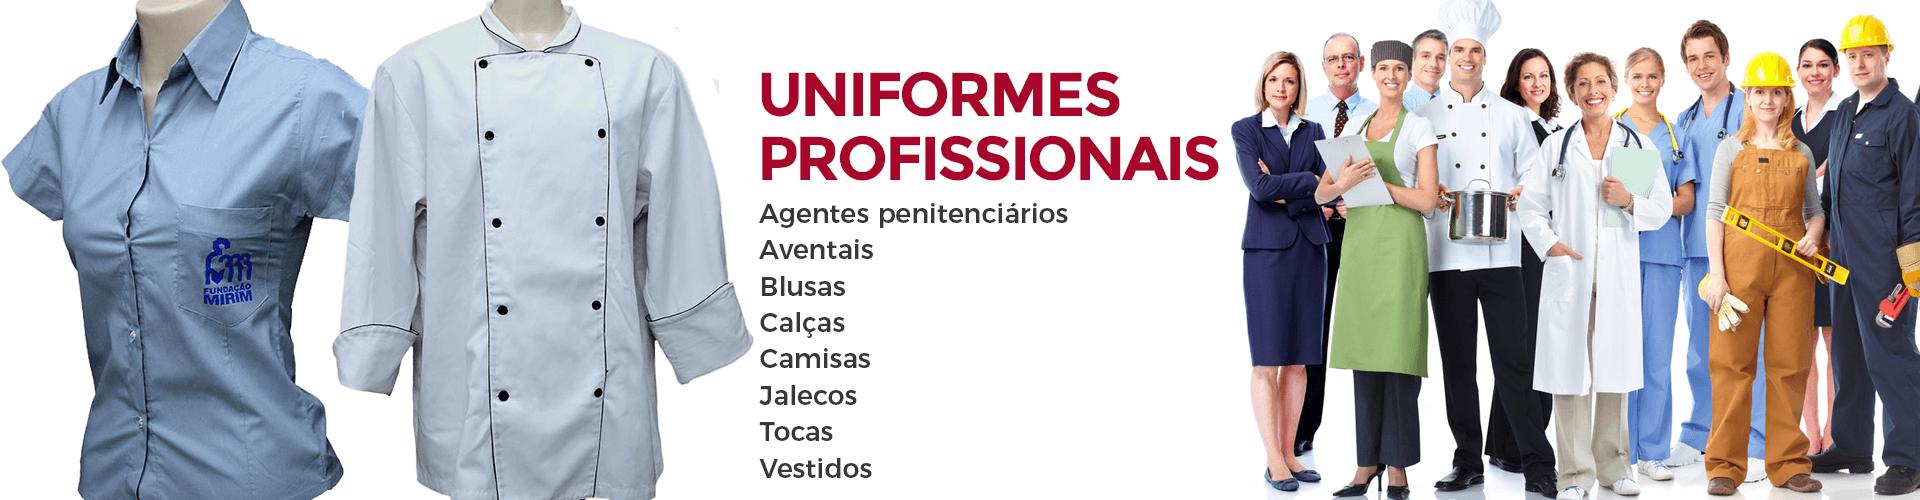 banner-vitrine-uniformes-profissionais